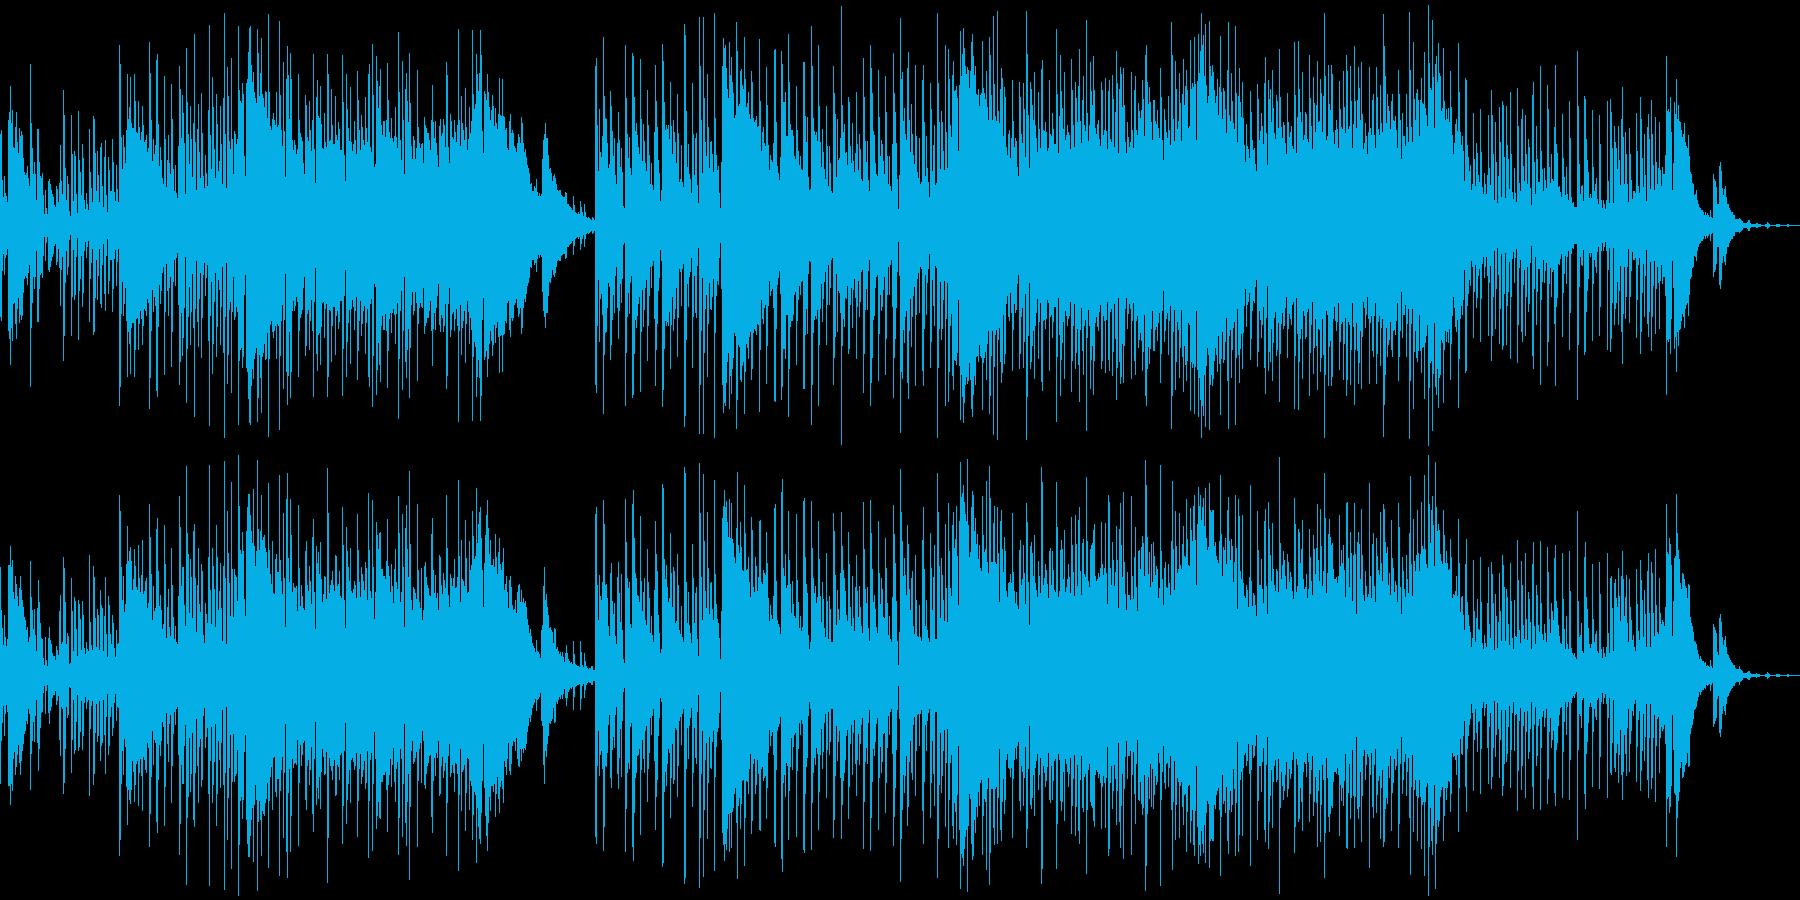 陽気で楽しい夏を演出する生演奏ウクレレ曲の再生済みの波形